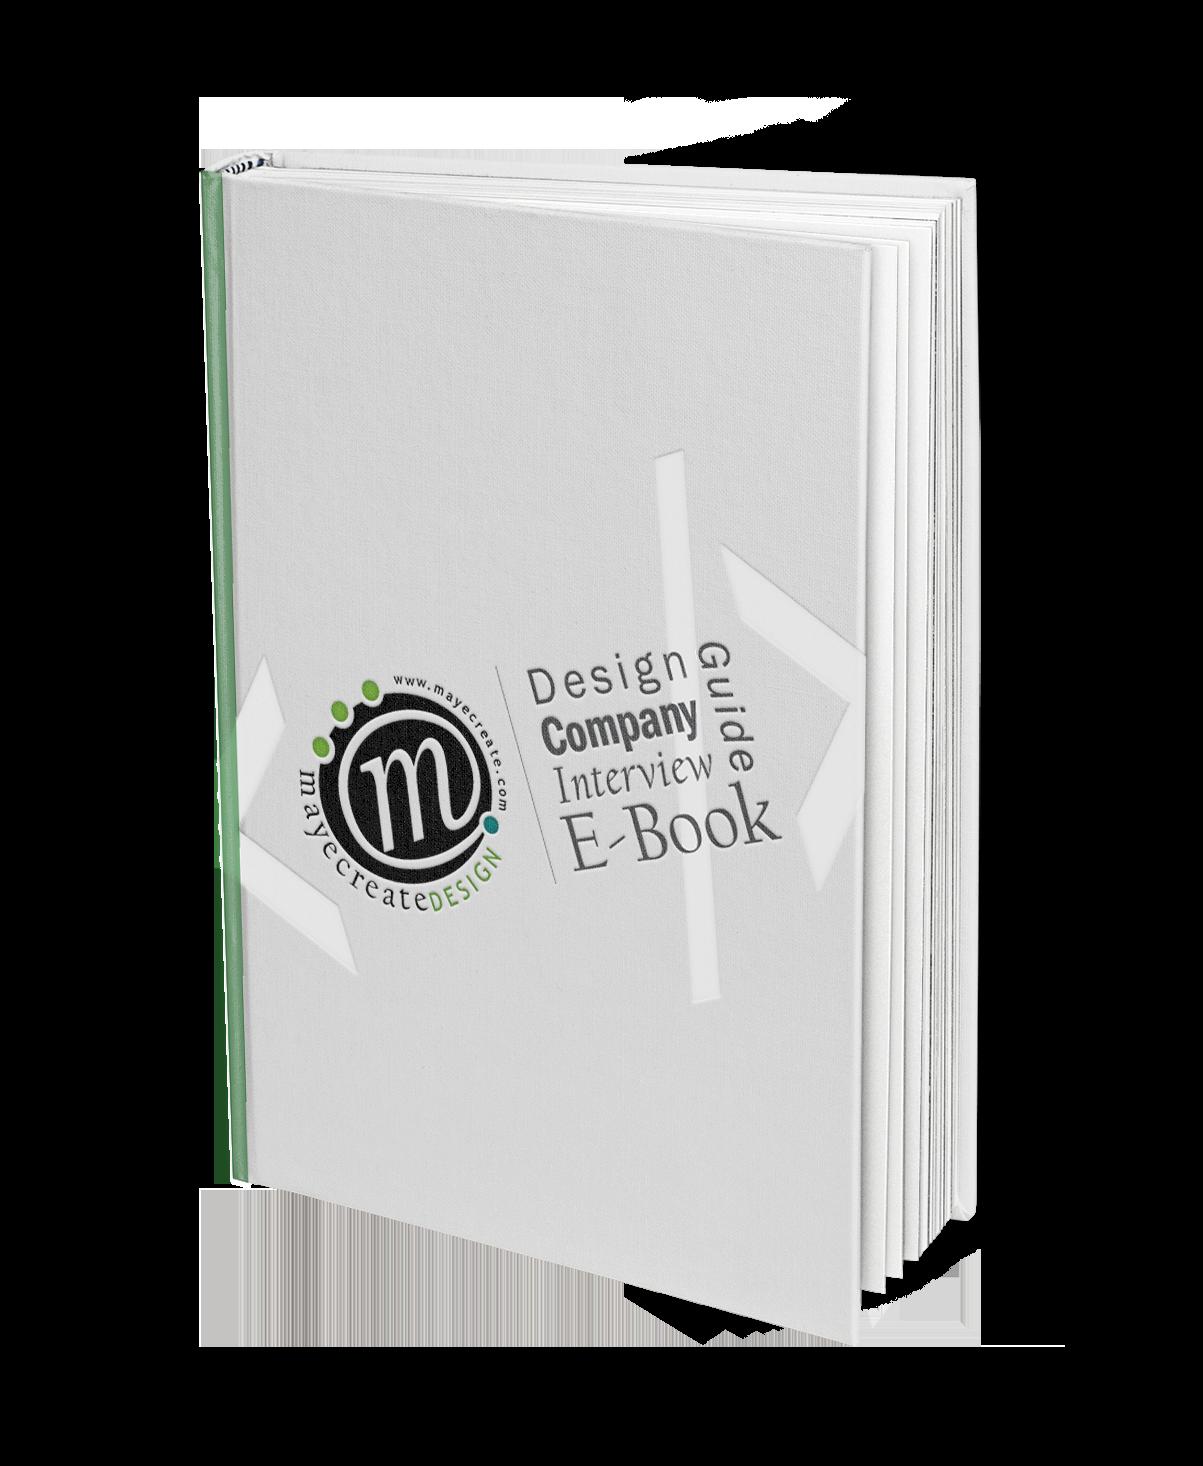 Design Company Interview Guide